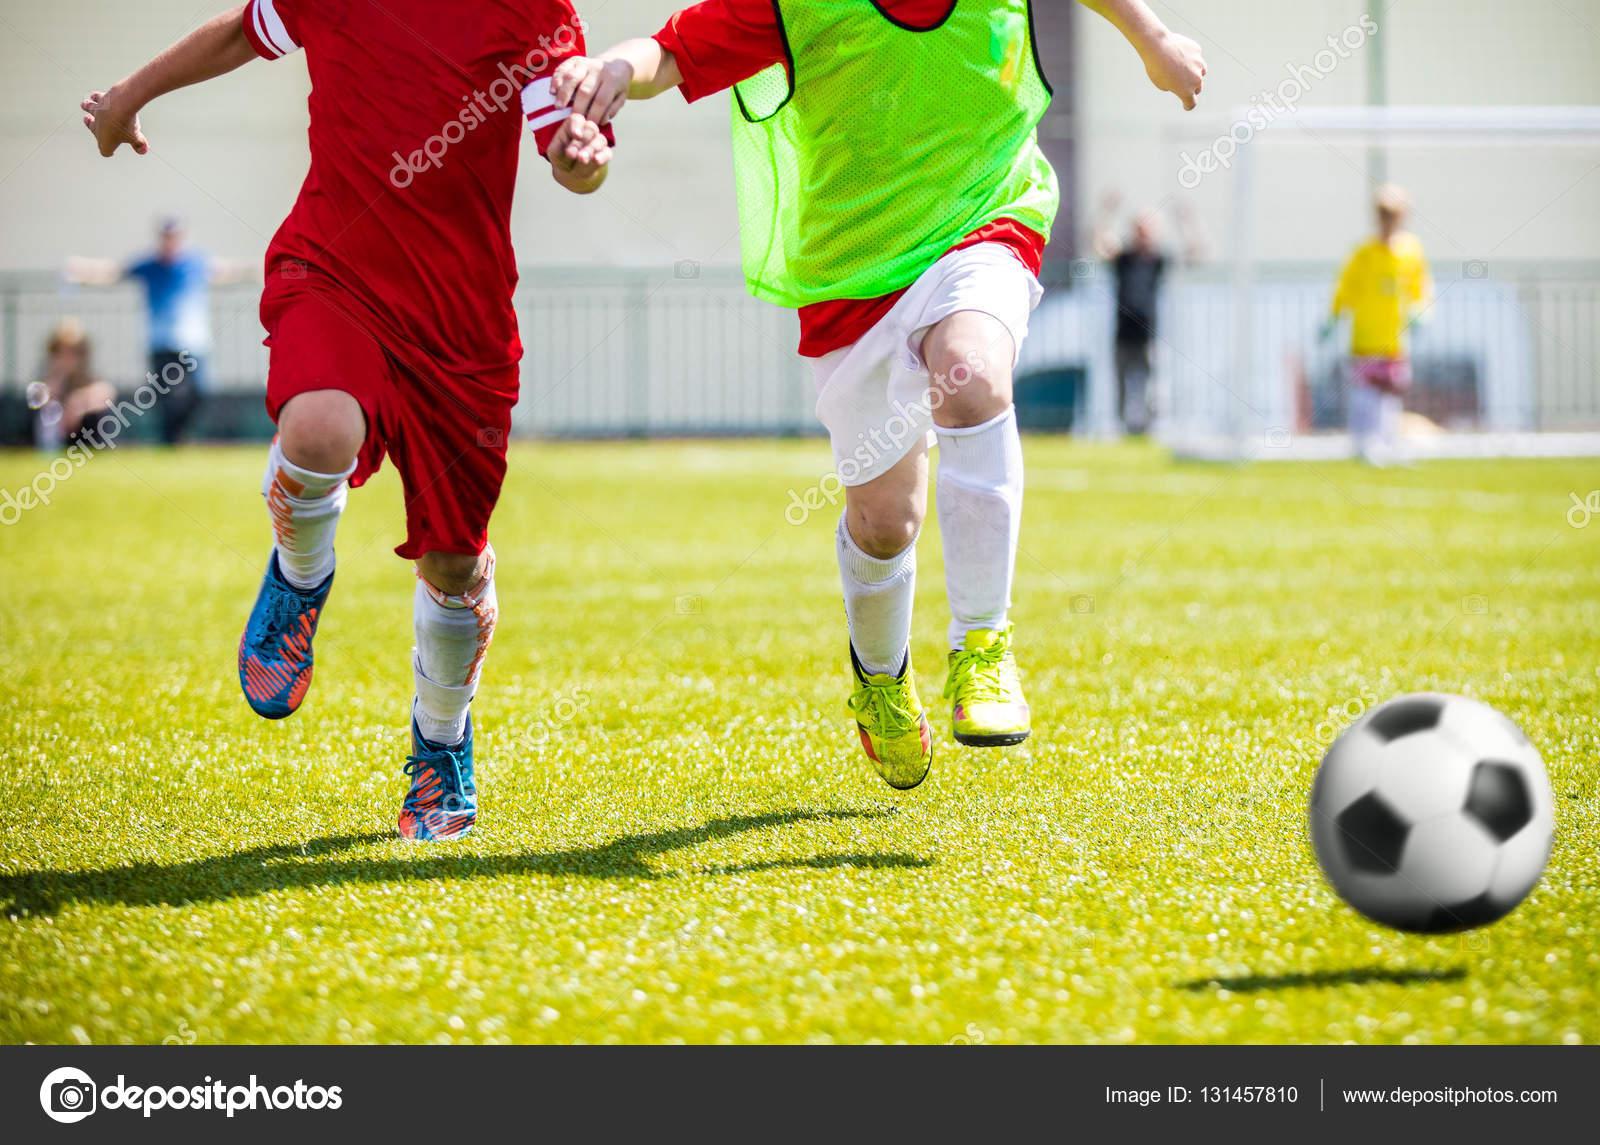 Fussball Fussball Spiel Fur Kinder Jungs Spielen Fussball